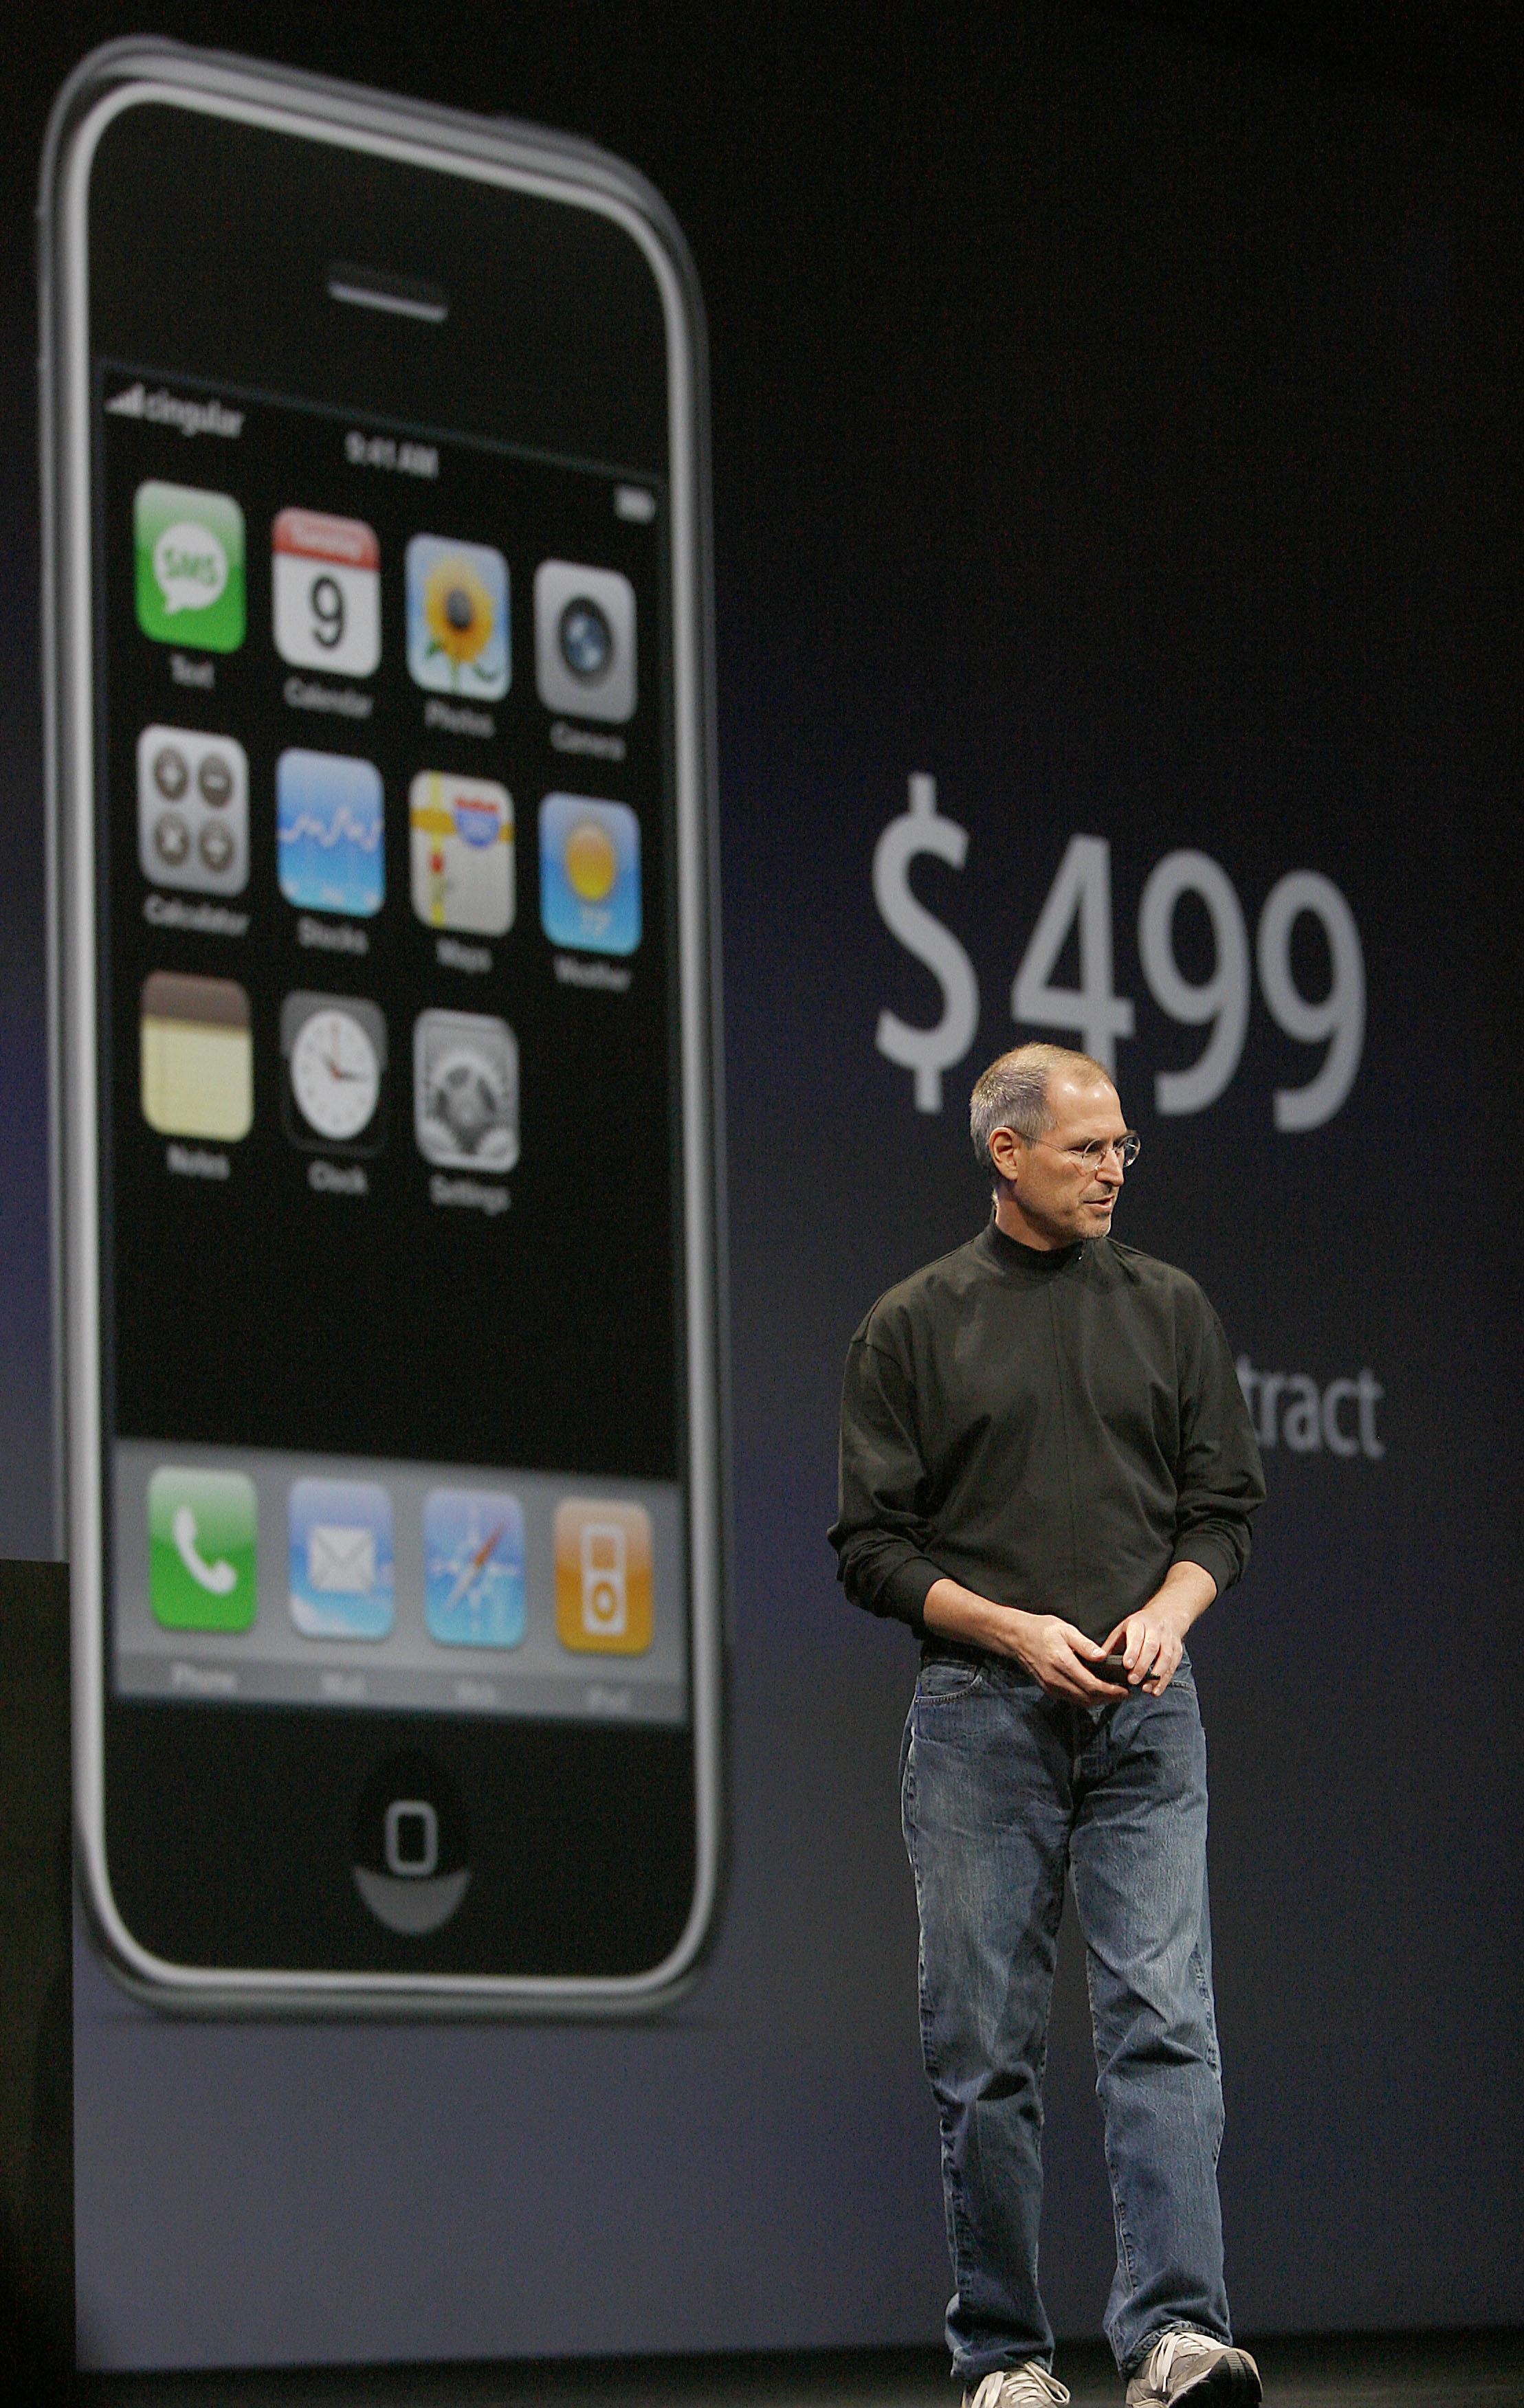 애플 아이폰 첫 출시